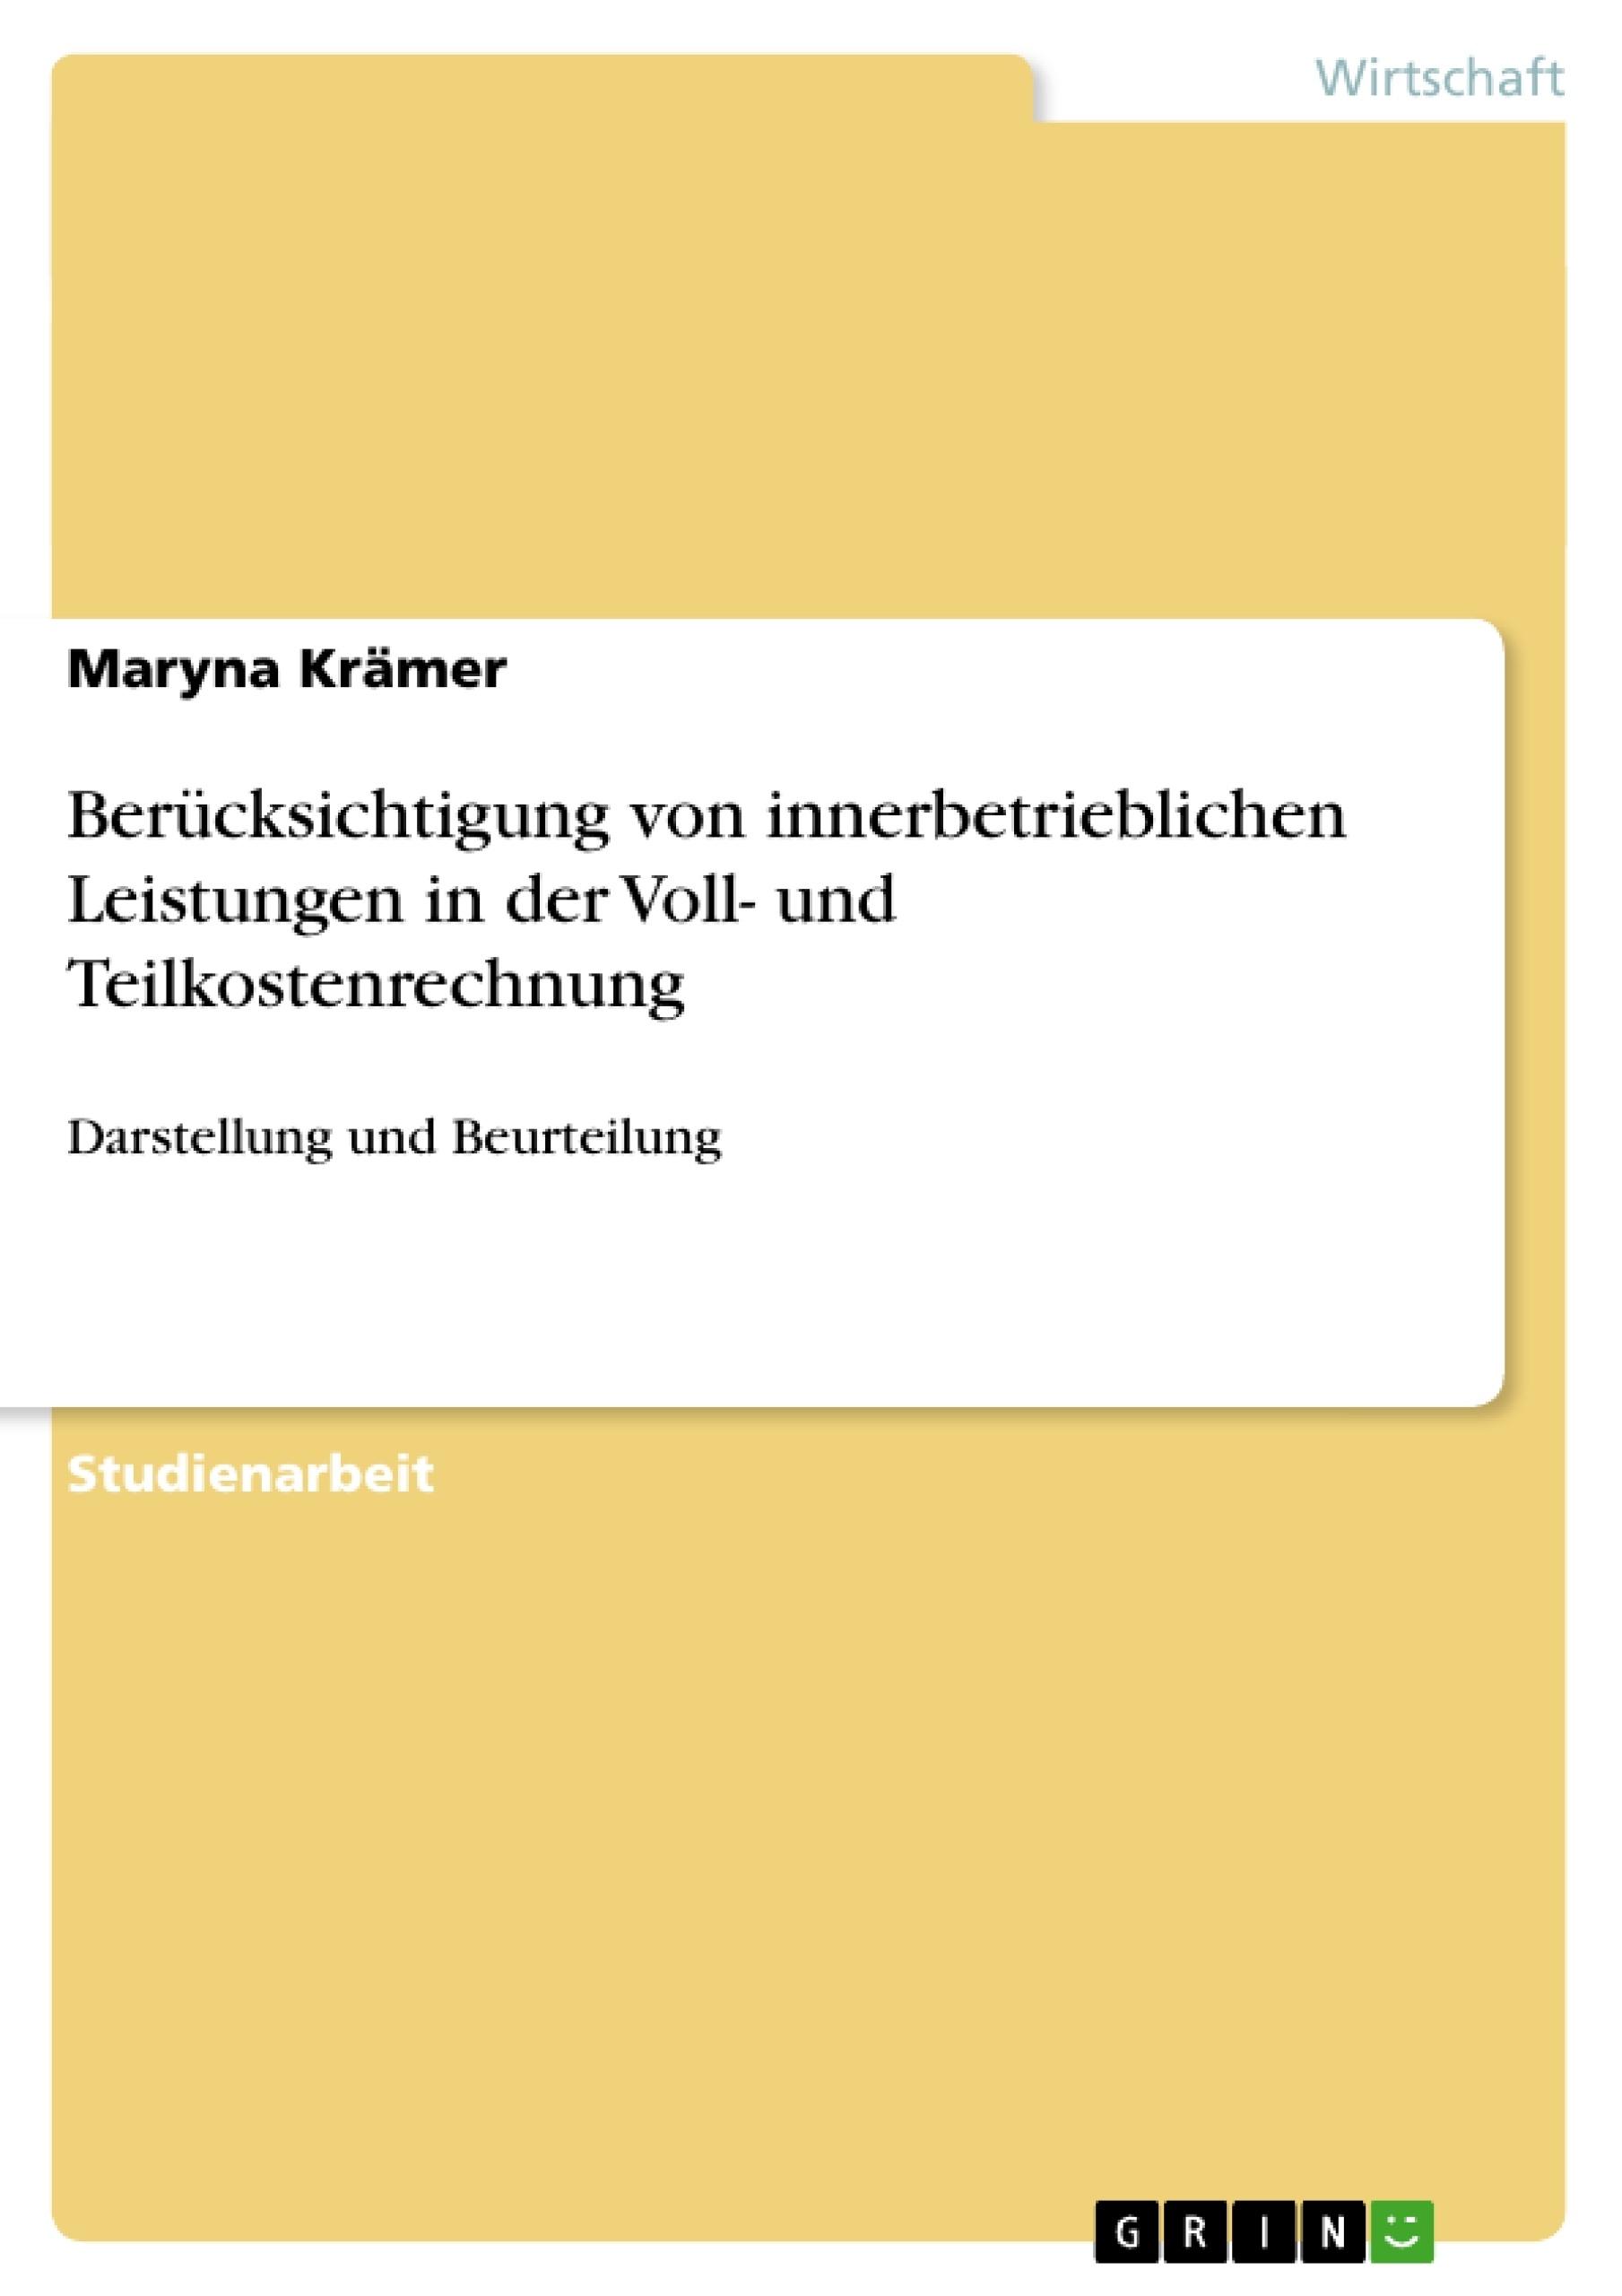 Titel: Berücksichtigung von innerbetrieblichen Leistungen in der Voll- und Teilkostenrechnung